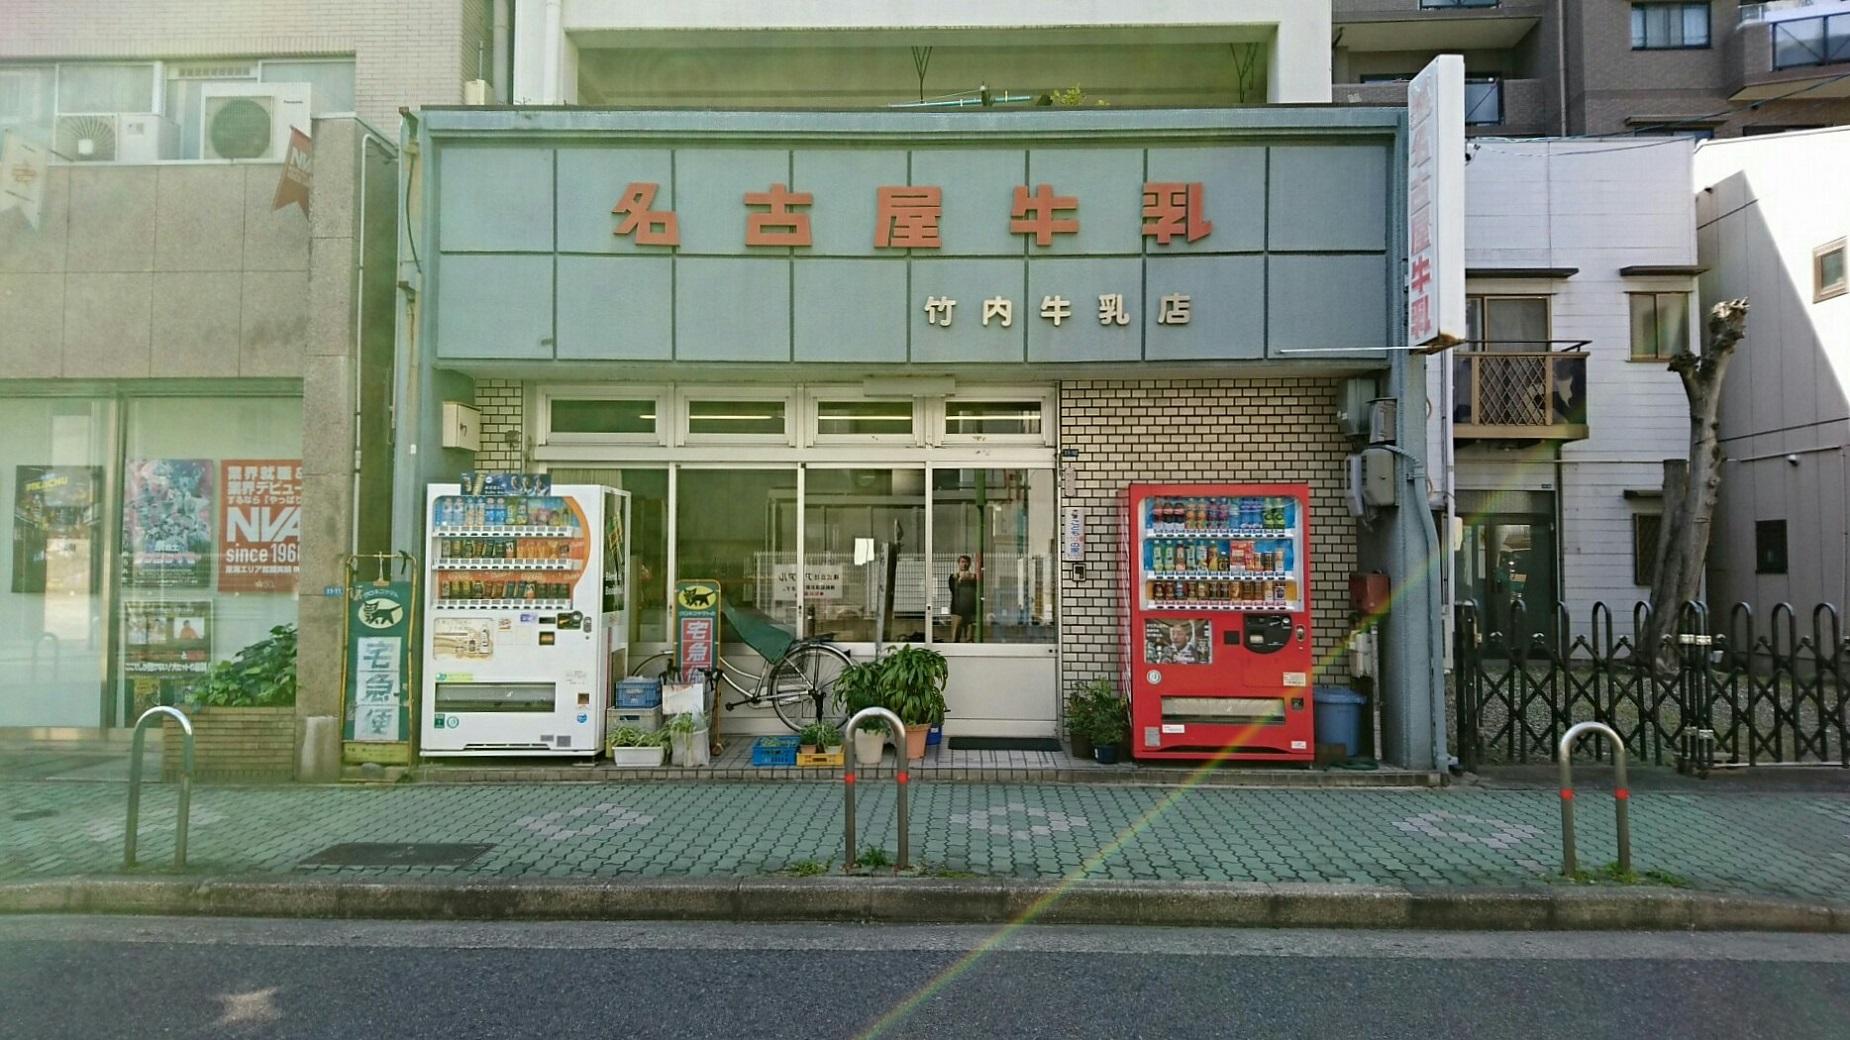 2019.3.5 13:20 女子大小路 - 名古屋牛乳のみせ 1850-1040